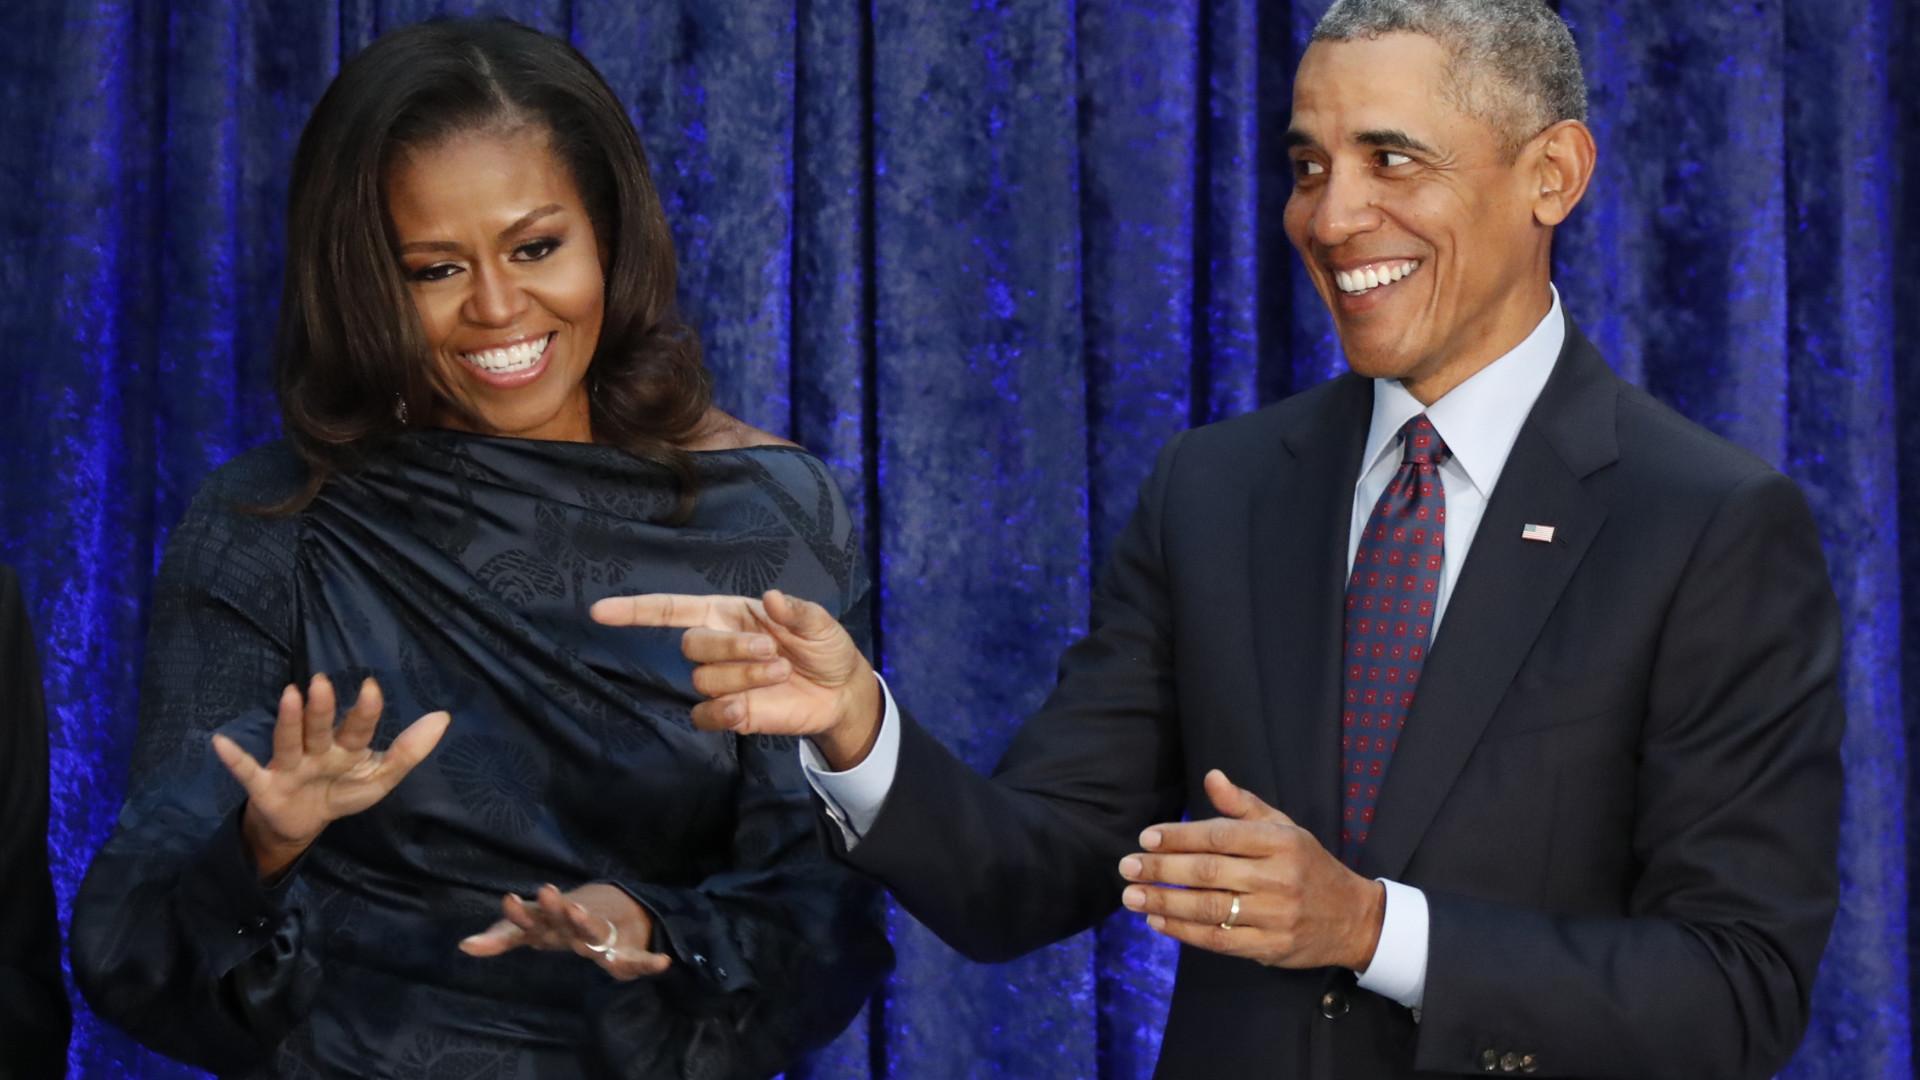 Michelle se declara a Barack Obama no seu aniversário